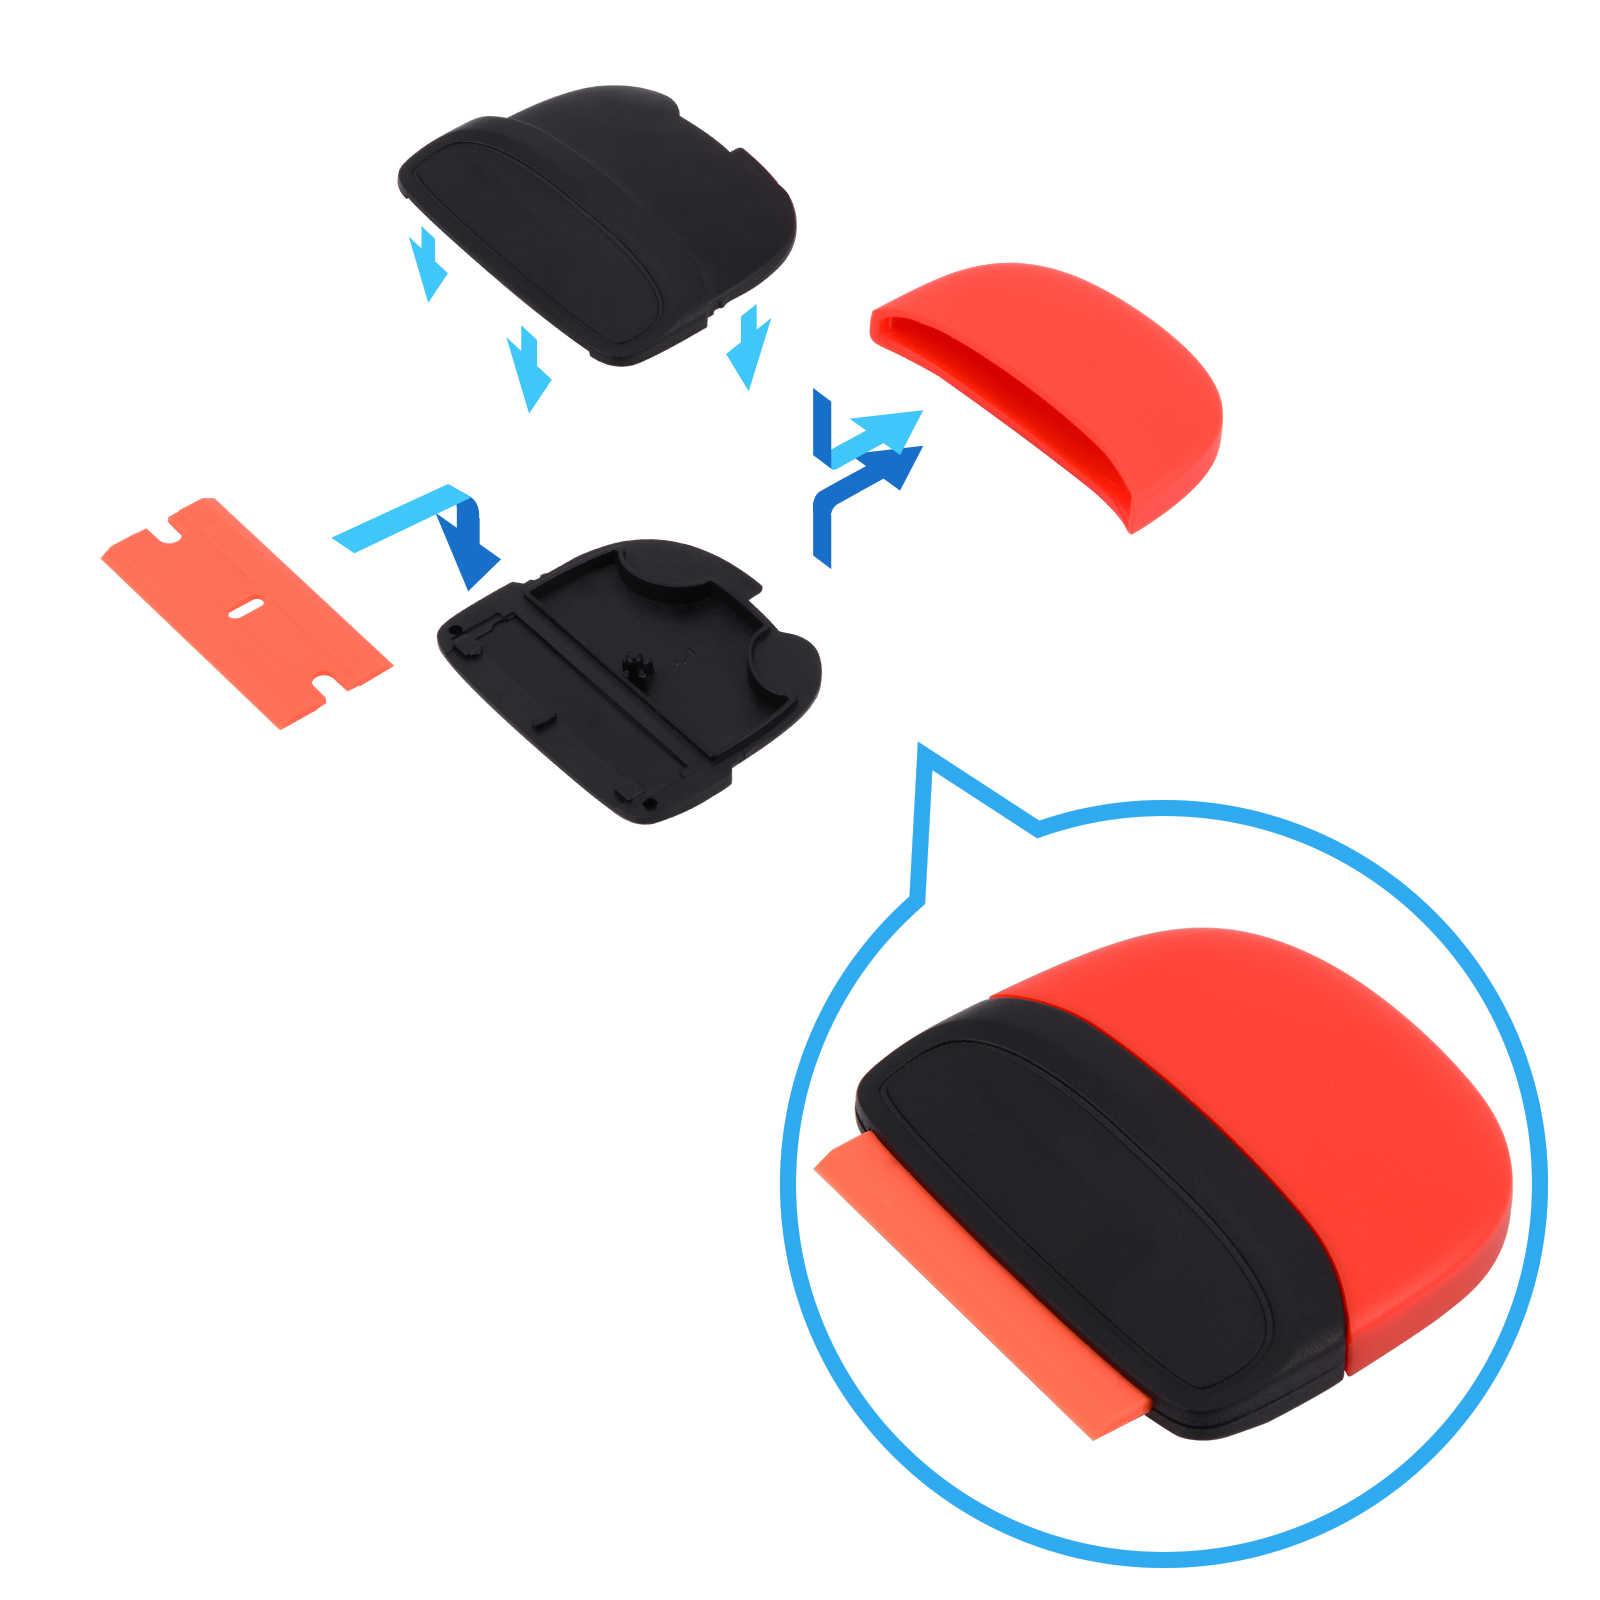 EHDIS Auto Rasoio Strumenti Raschietto In Fibra di Carbonio Del Vinile Autoadesivo di Rimozione Avvolgere Seccatoio Auto Wrapping Foglio di Pellicola Automobili Accessori